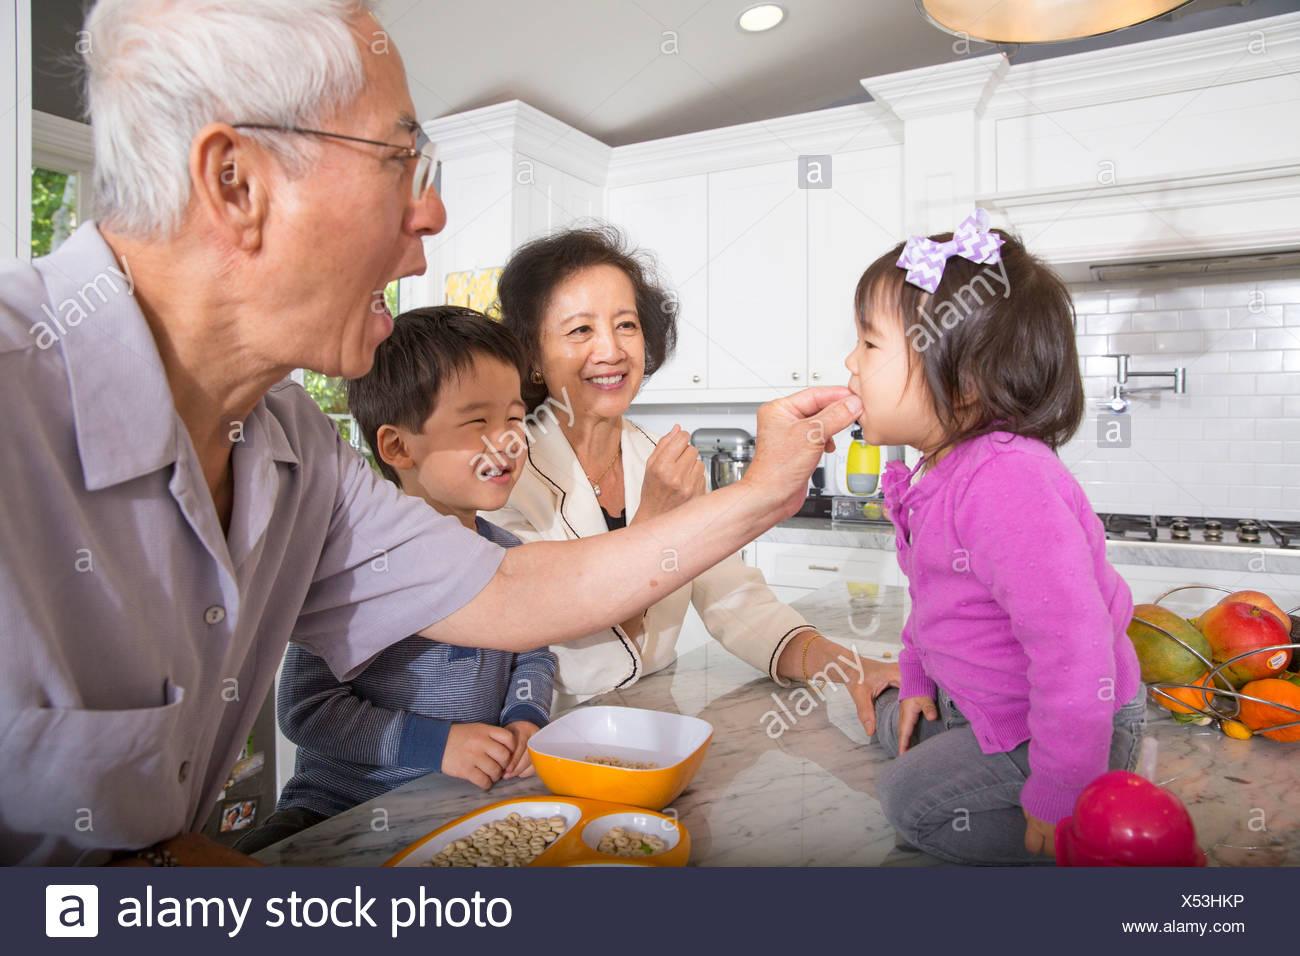 Alimentazione del nonno snack per il toddler nipote in cucina Immagini Stock